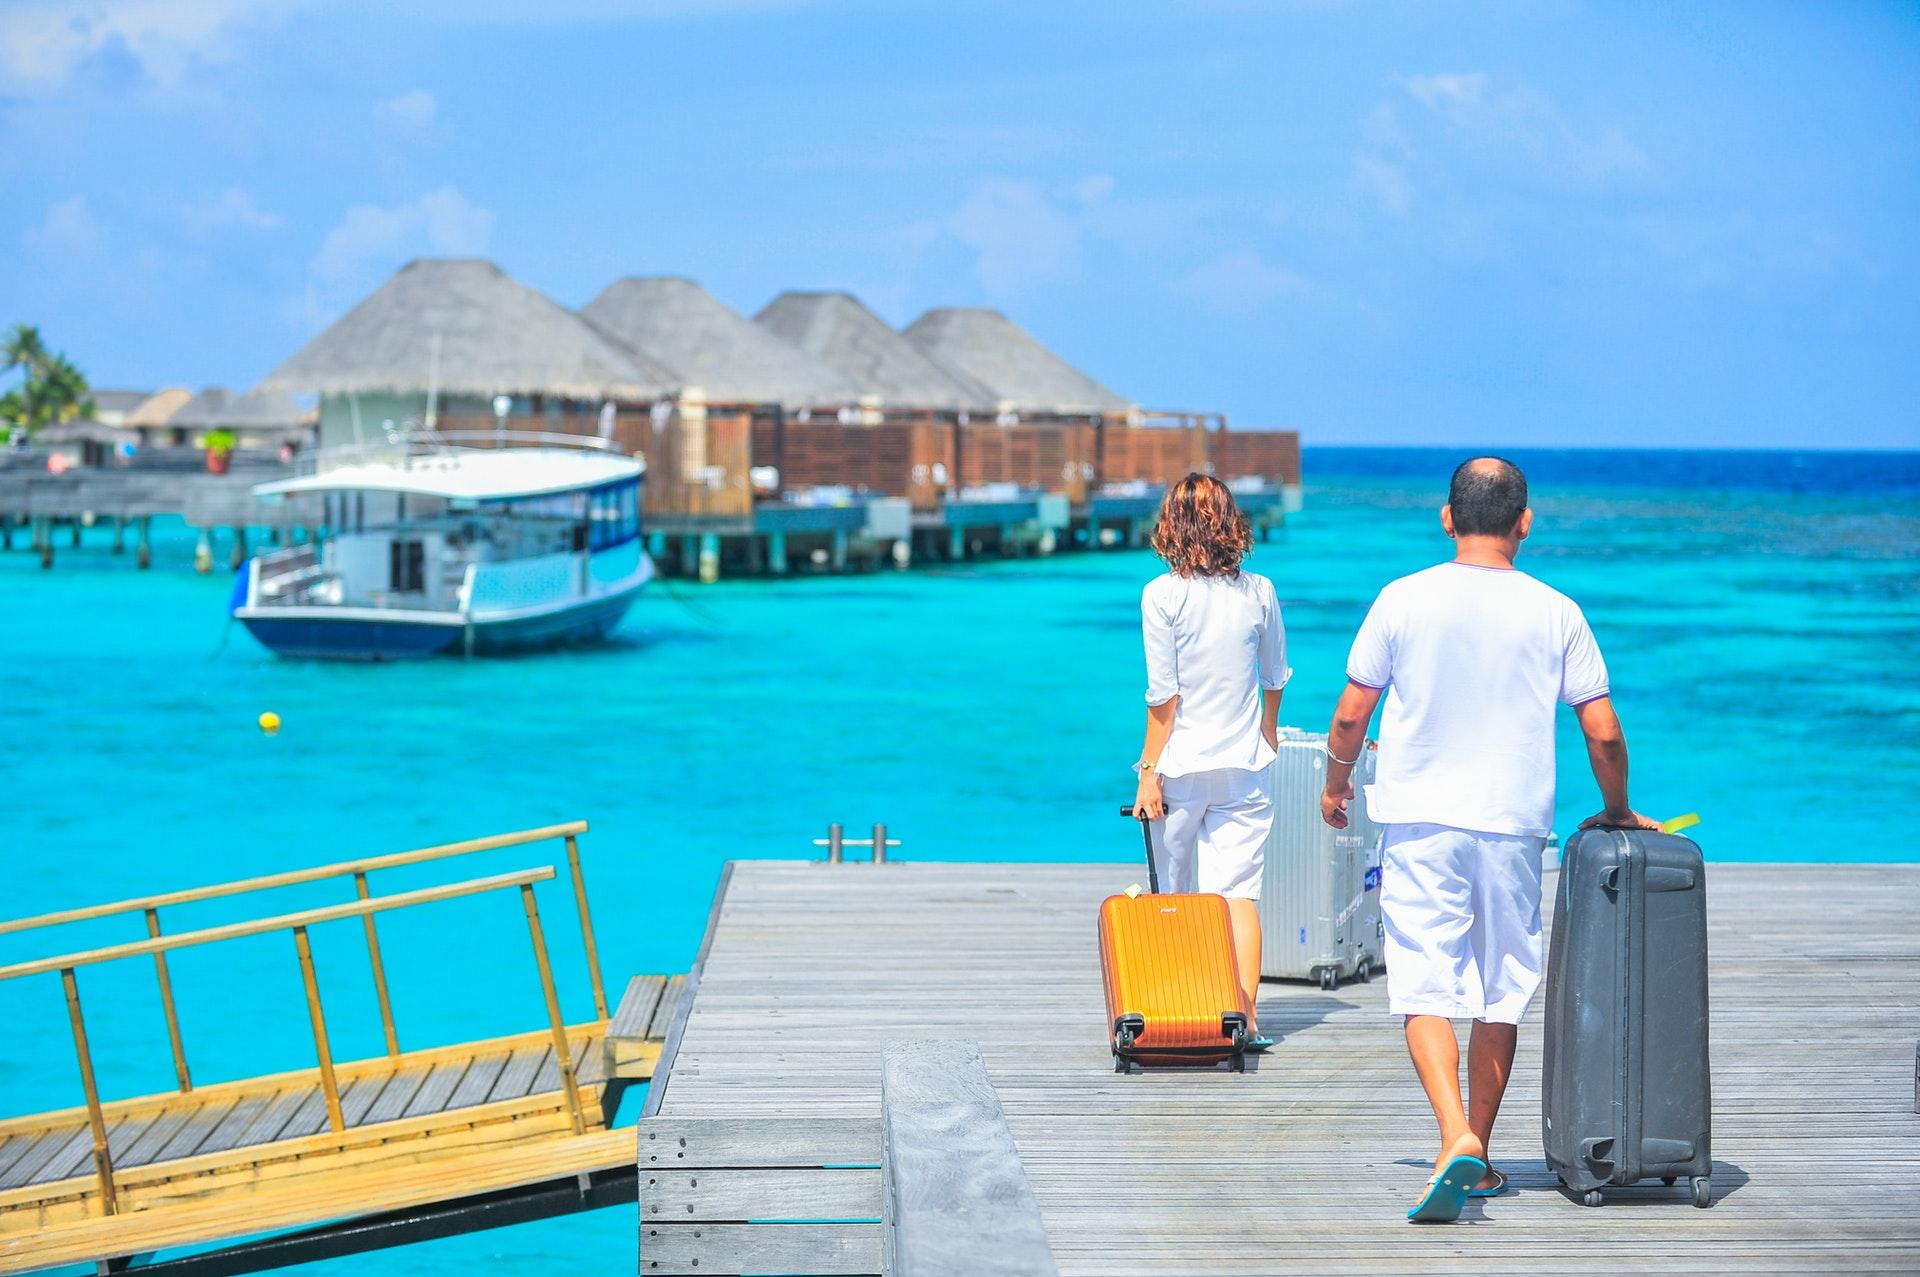 Мальдивы открываются для туристов с 15 июля 2020 года